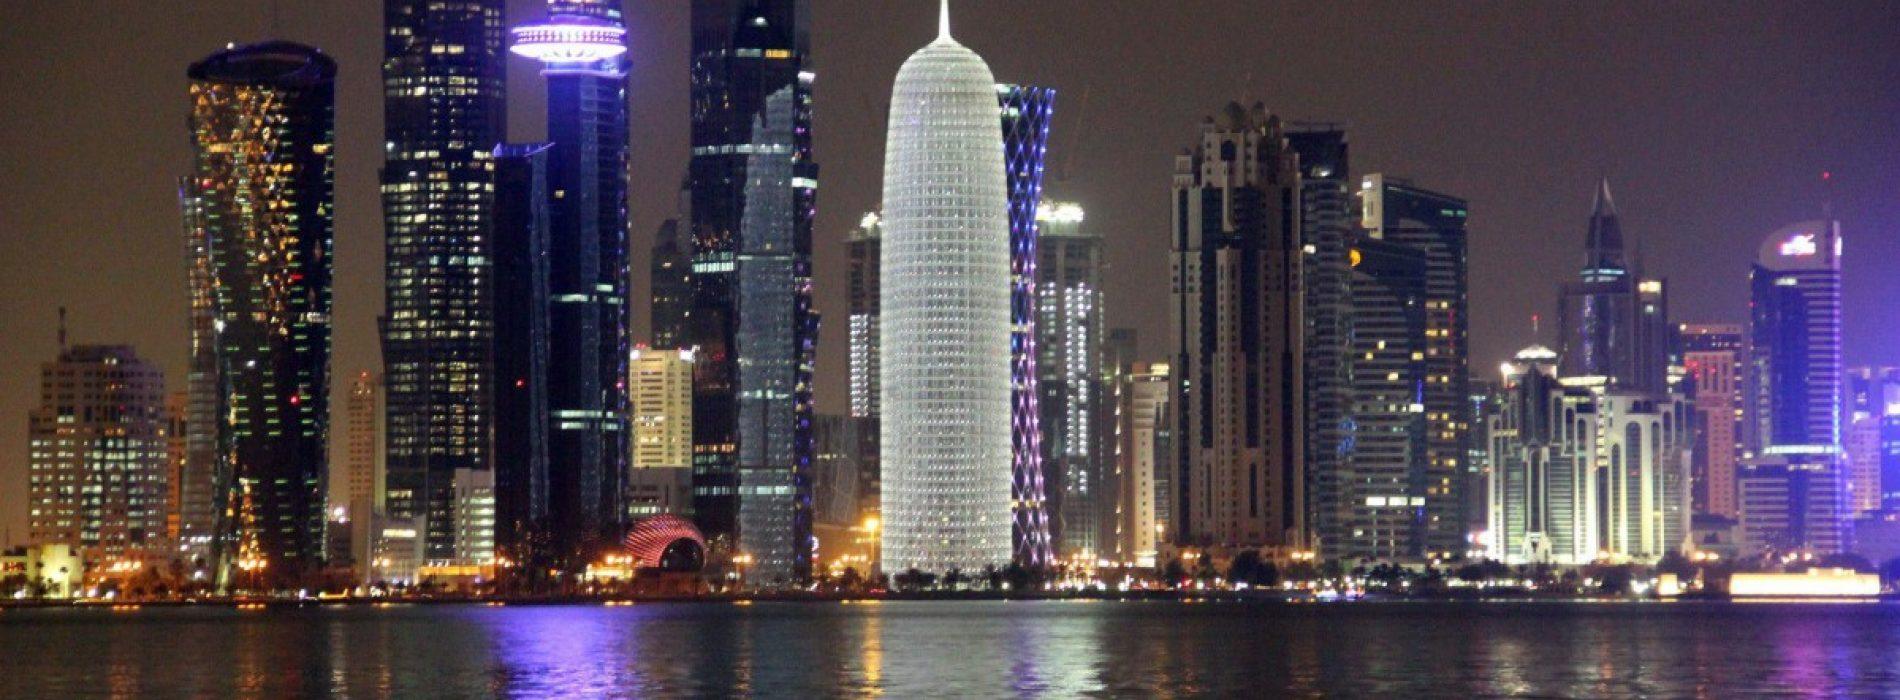 Visul Doha, un amestec  spectaculos între tradițional și cosmopolit